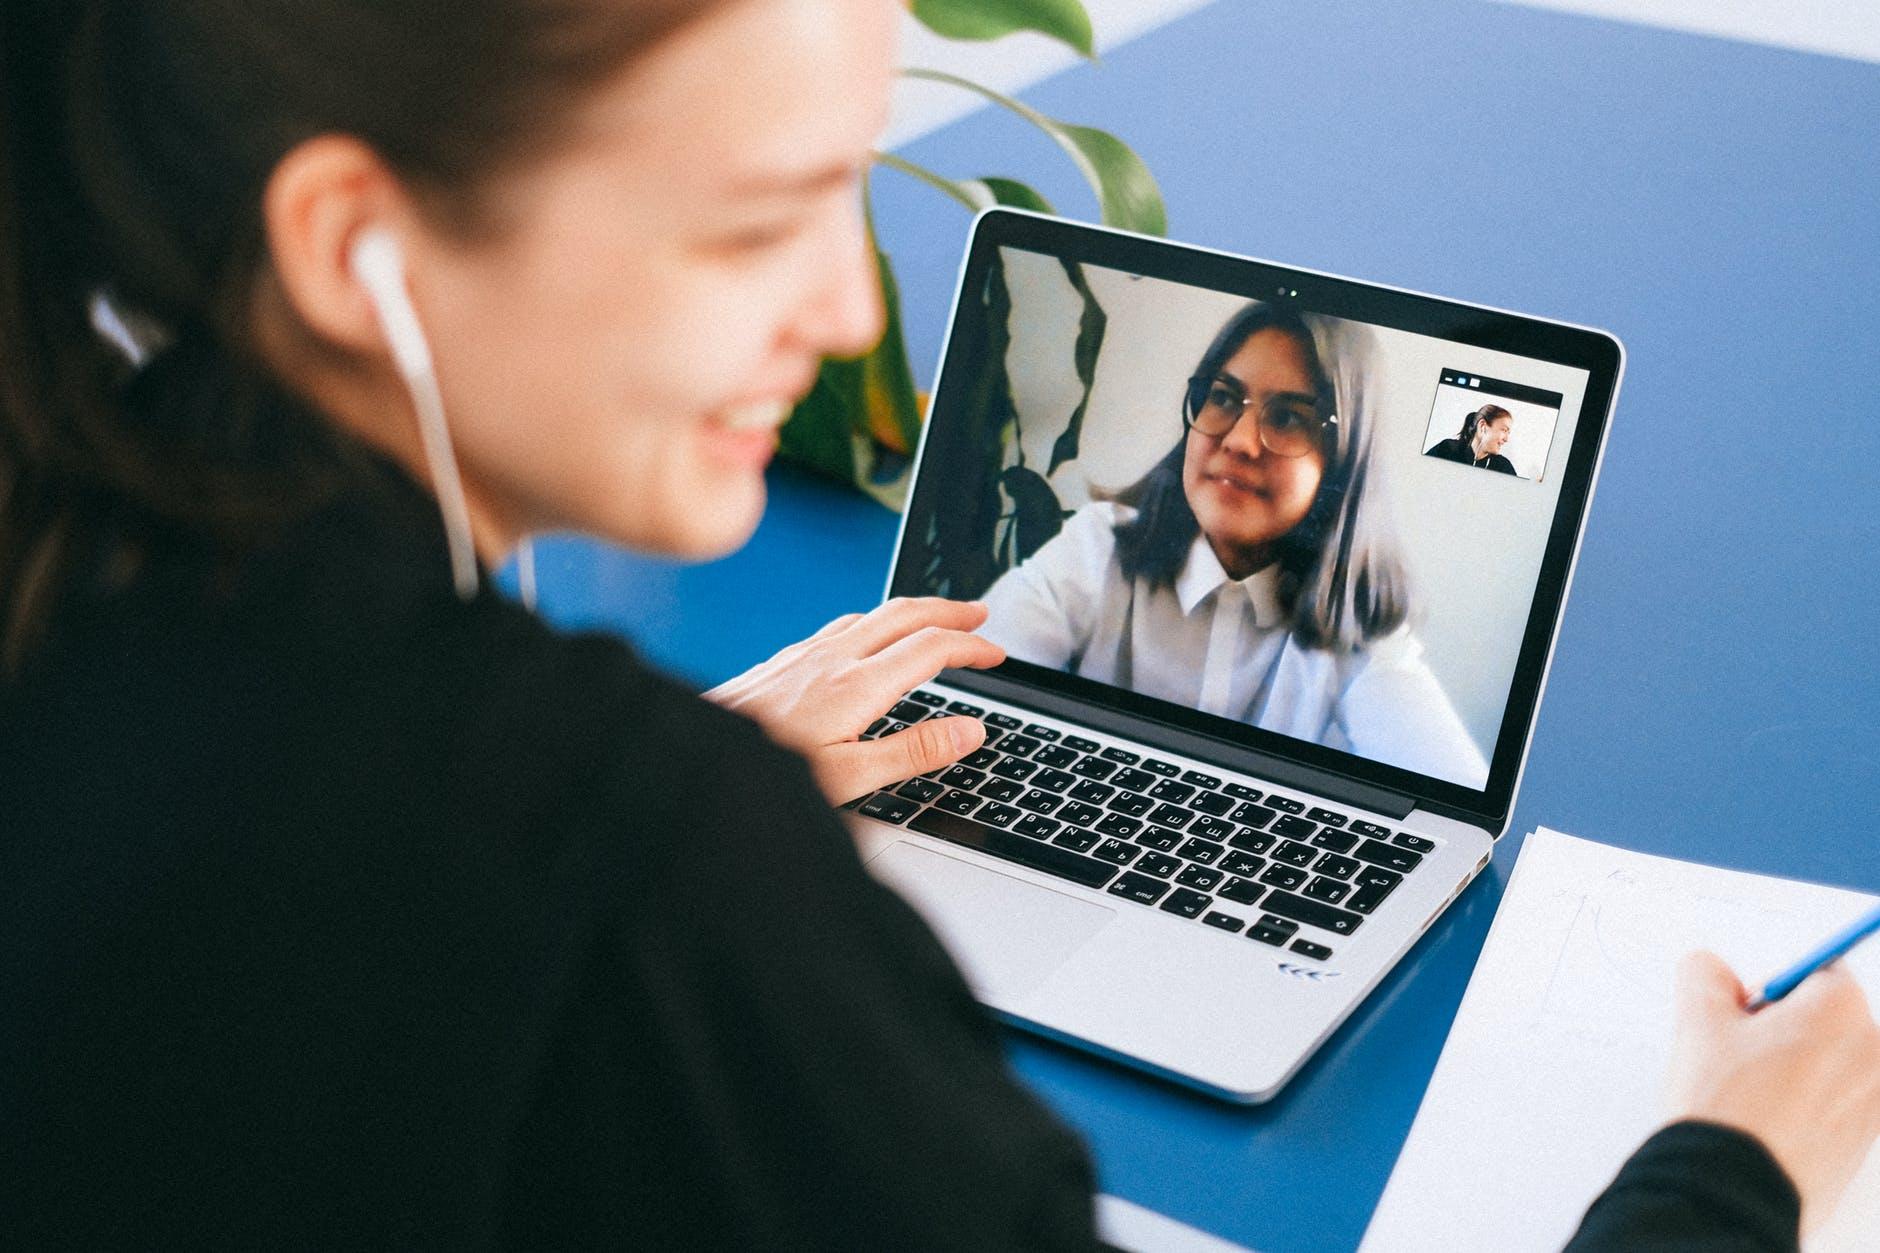 Mulher jovem sorrindo enquanto conversa com outra menina no computador.